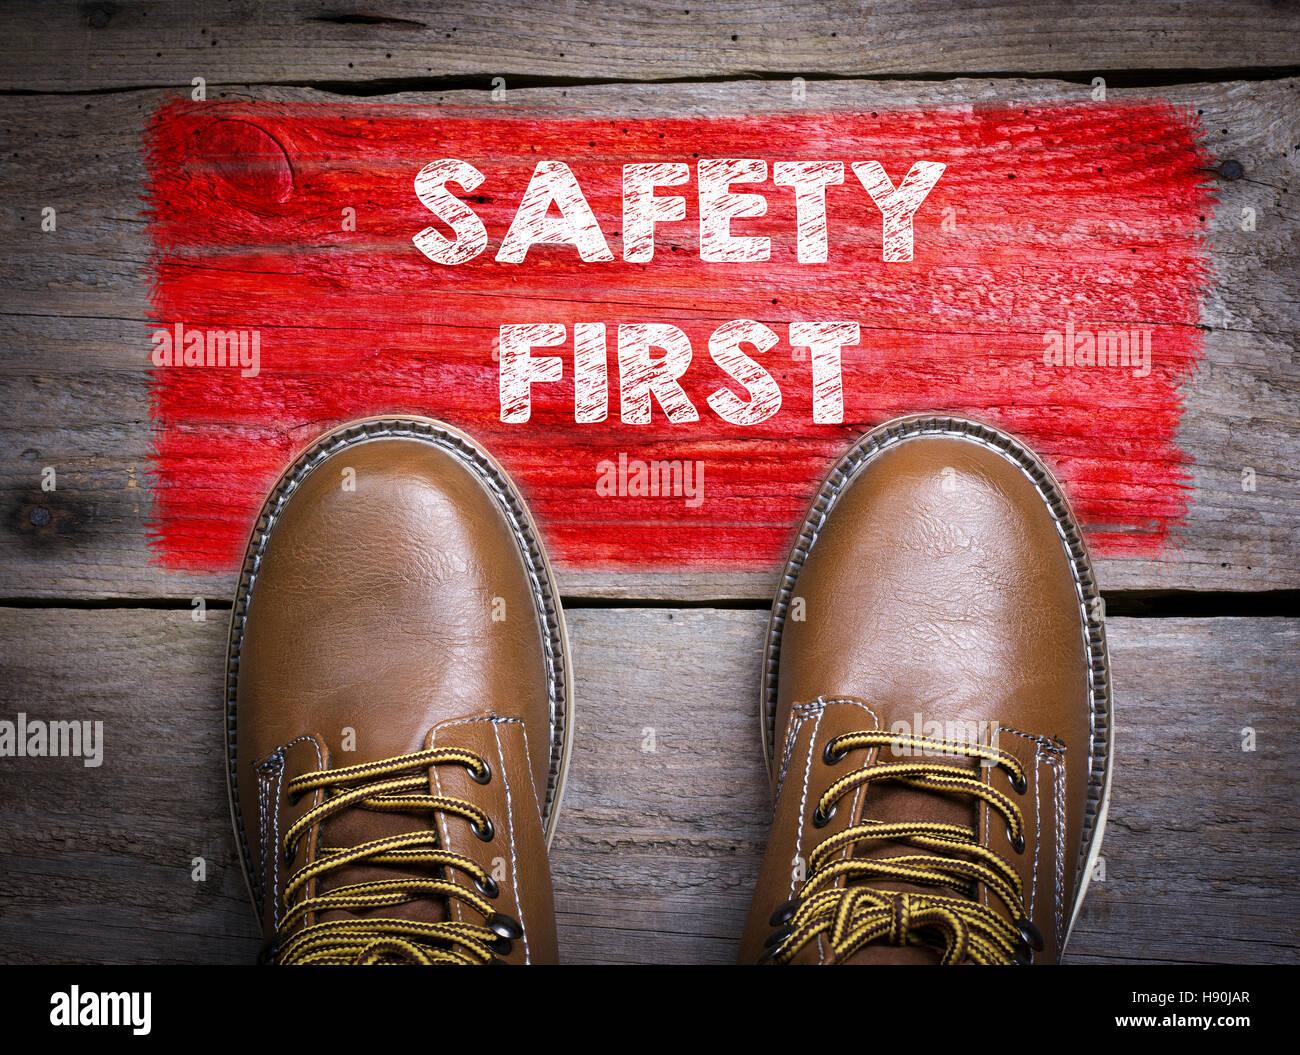 La sécurité d'abord. Vue de dessus de Boot sur fond de bois Photo Stock